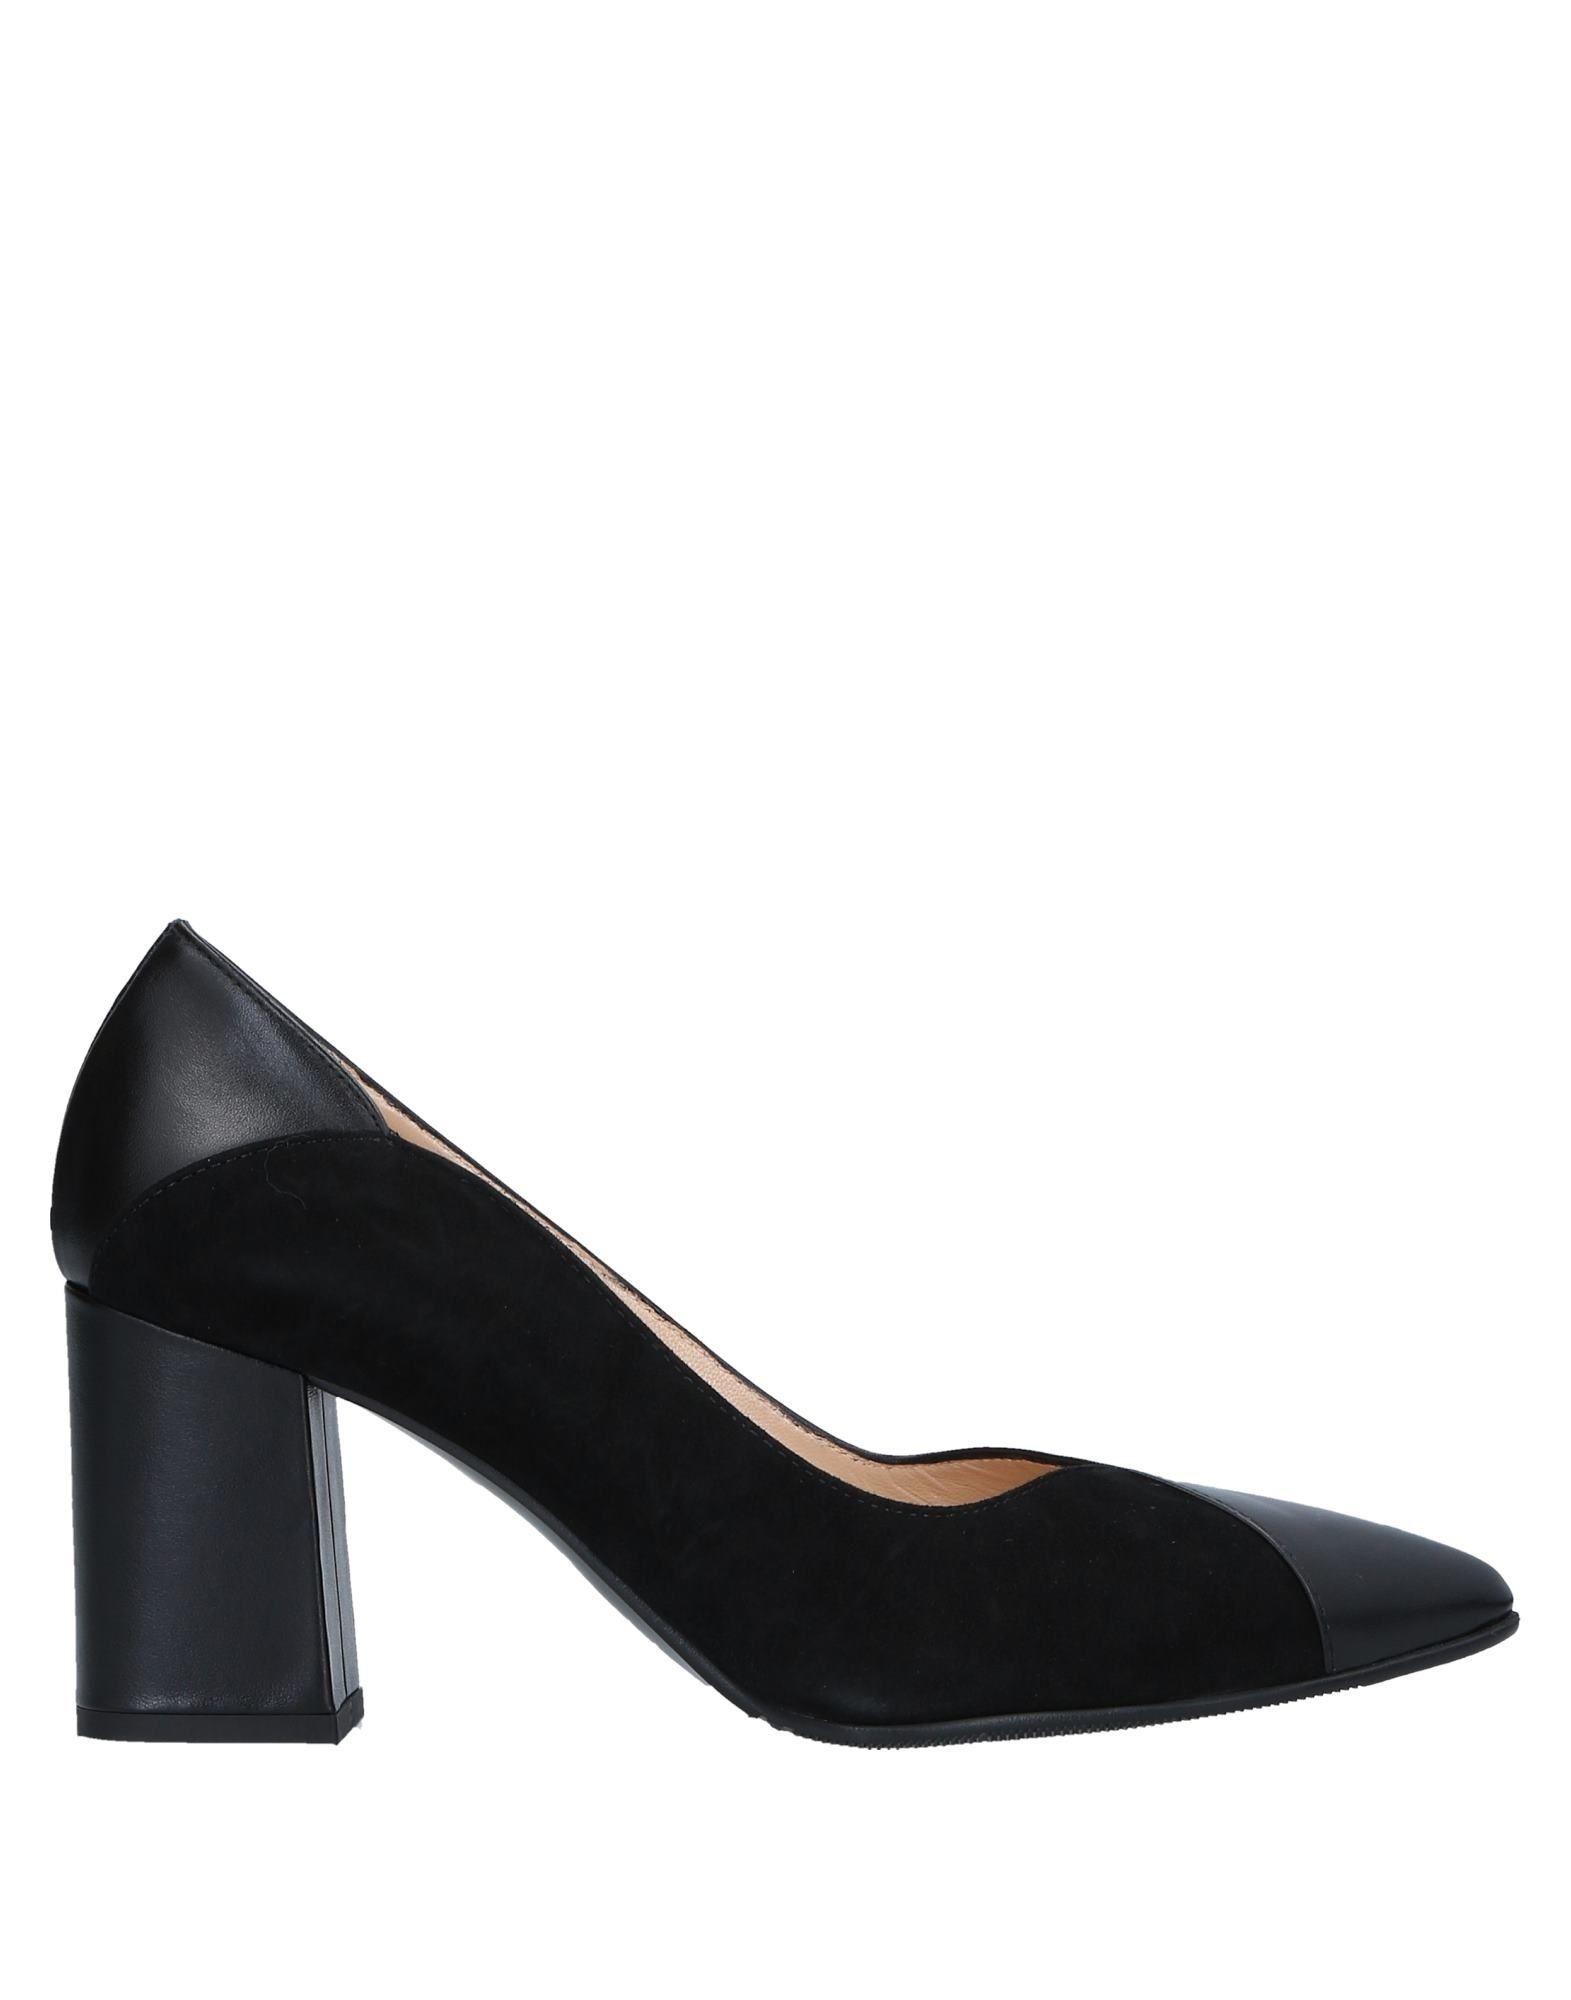 Stilvolle billige Schuhe Damen F.Lli Bruglia Pumps Damen Schuhe  11525531RM 83ae37